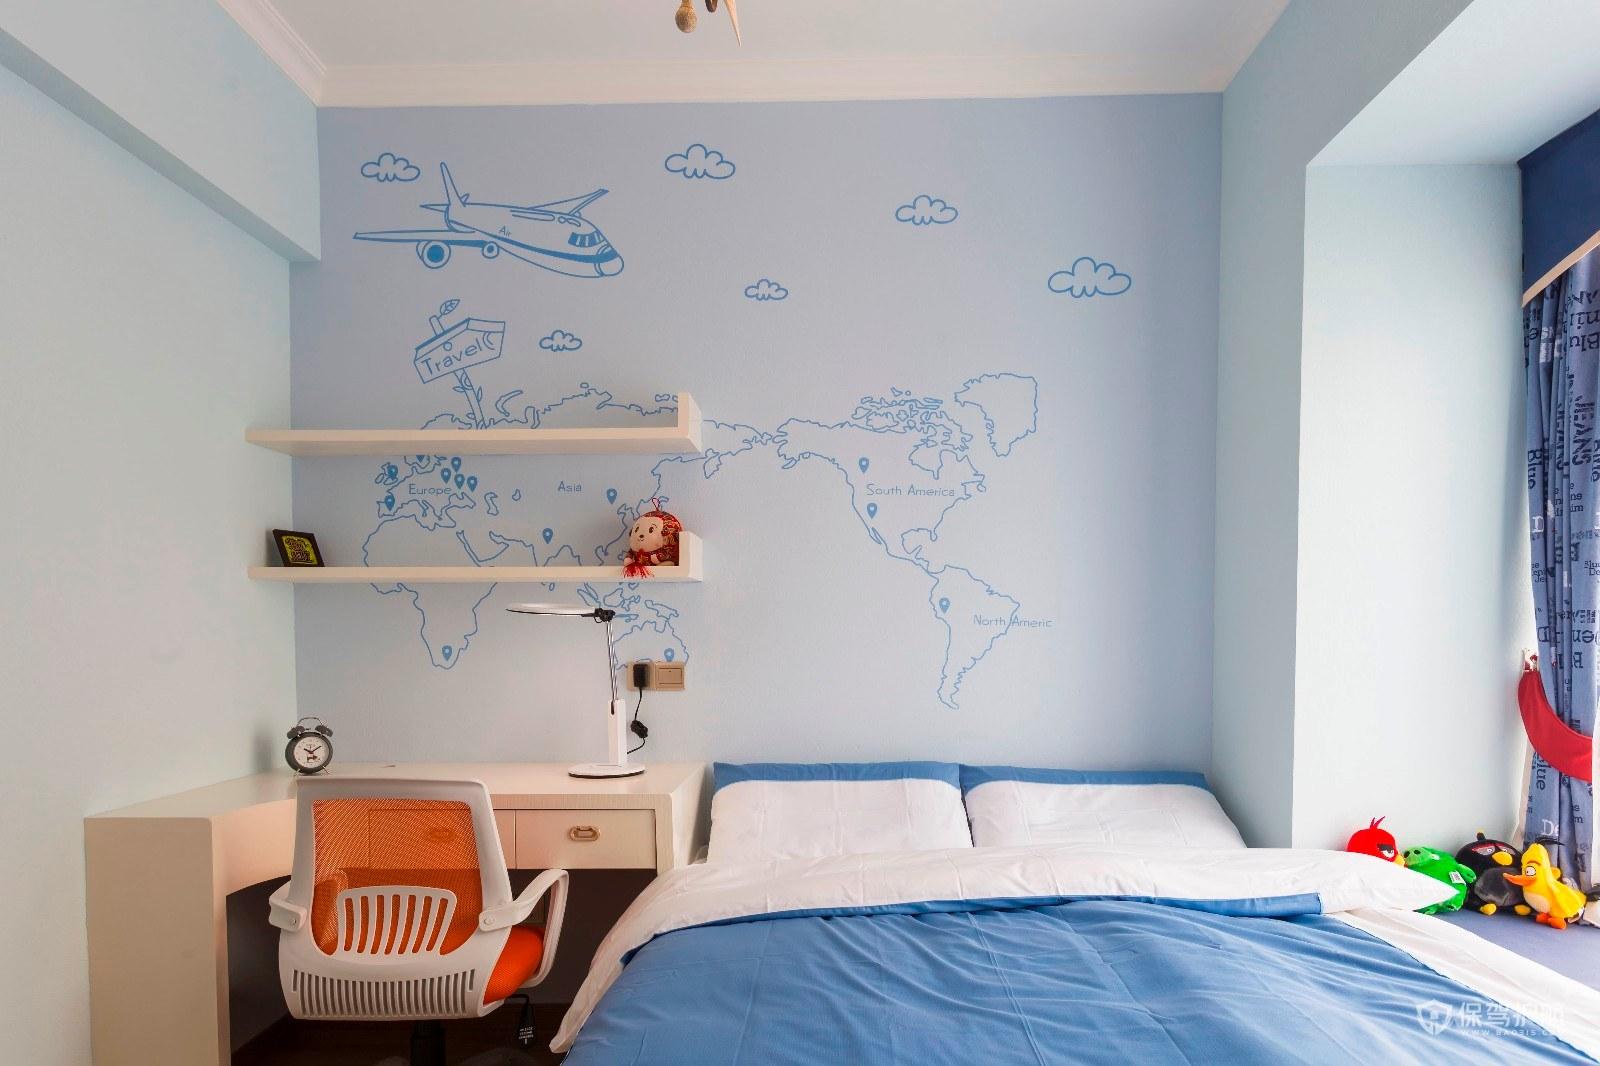 天蓝色配什么颜色好看?家装颜色搭配技巧有哪些?